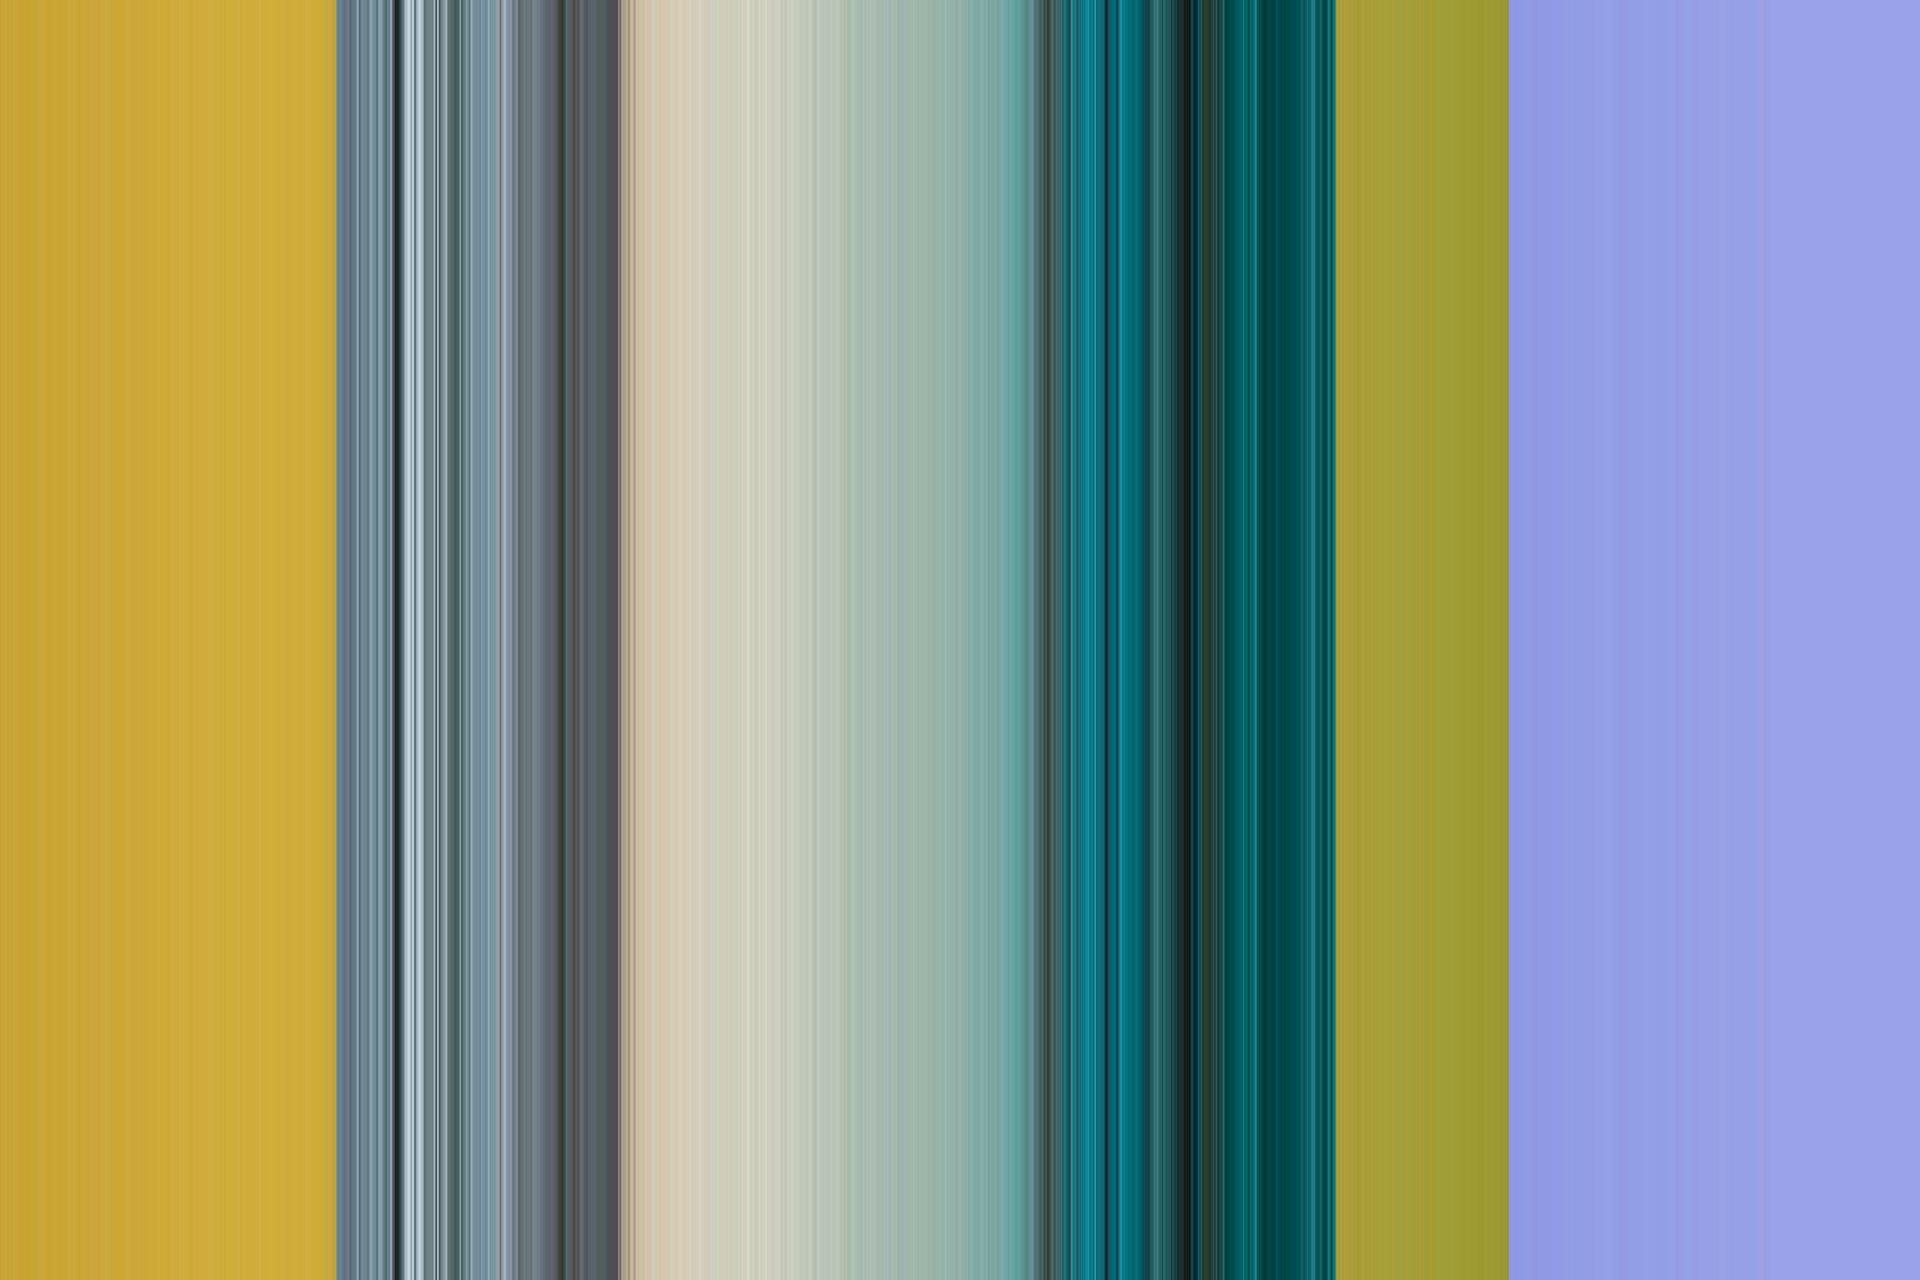 Obraz przedstawia pionowe paseczki w kolorze fioletowym, żółtym i wielokolorowym.